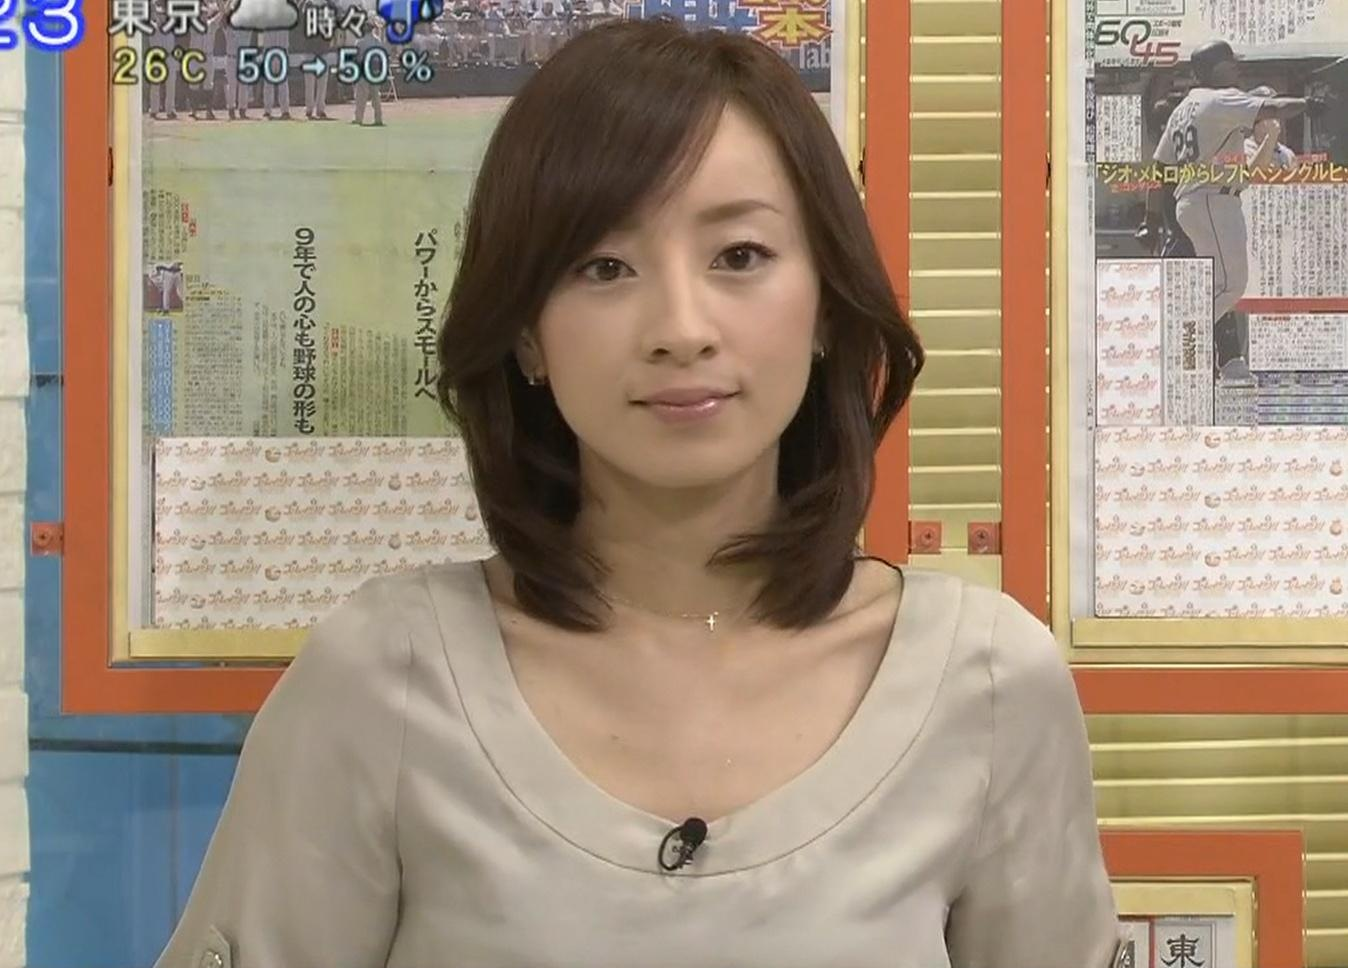 西尾由佳理 いろっぽい髪型キャプ画像(エロ・アイコラ画像)